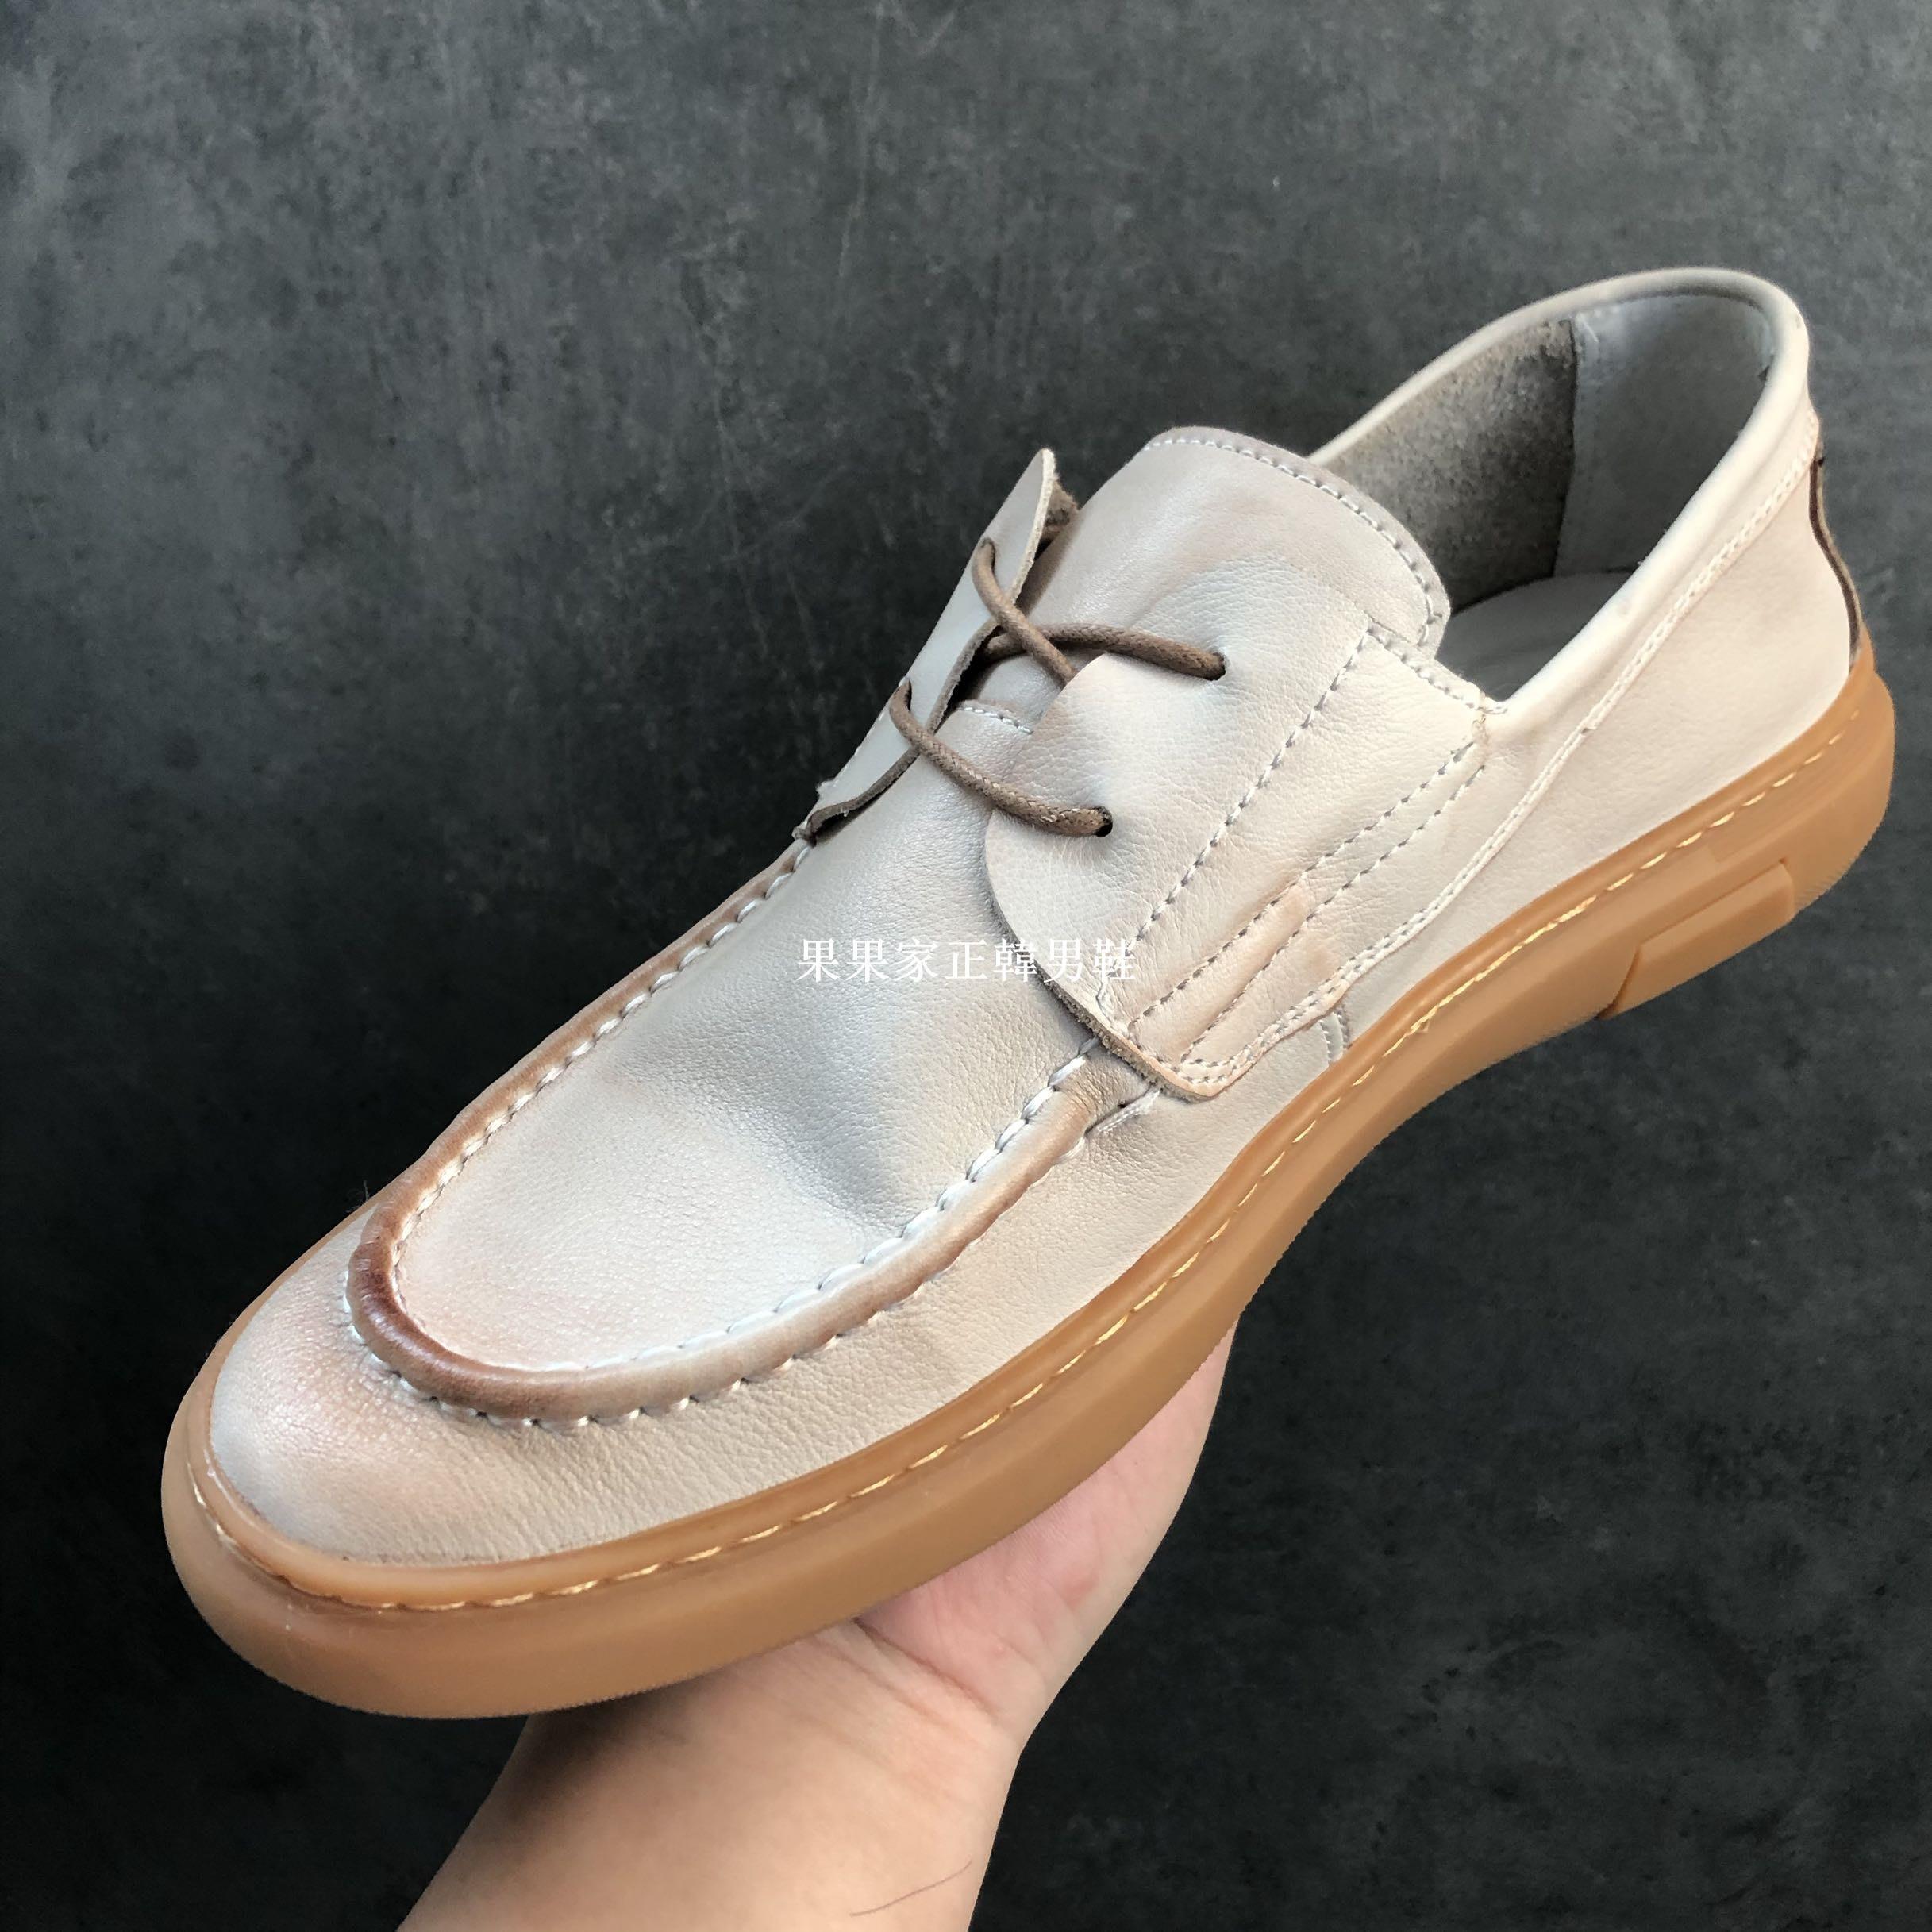 果果家正韓男鞋2020軟底休閒鞋單鞋夏季新款真皮透氣男士板鞋簡約舒適樂福鞋潮